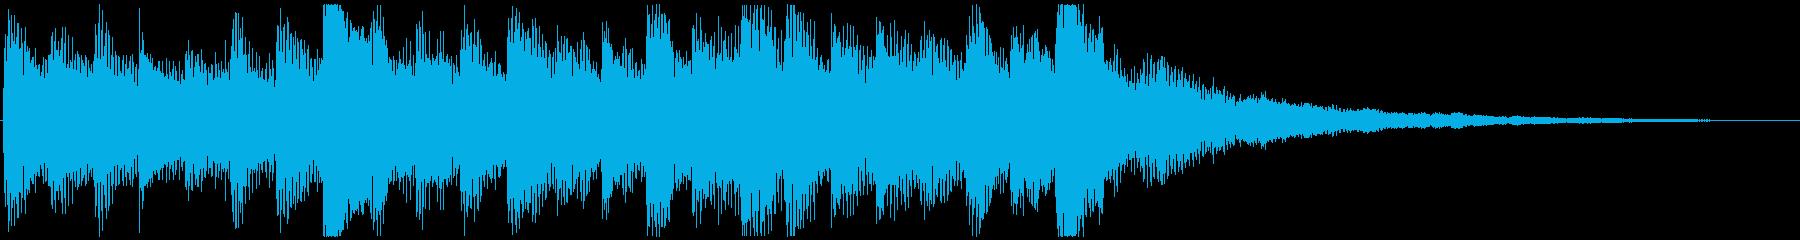 ワクワクな ピアノ&サウンドエフェクトの再生済みの波形